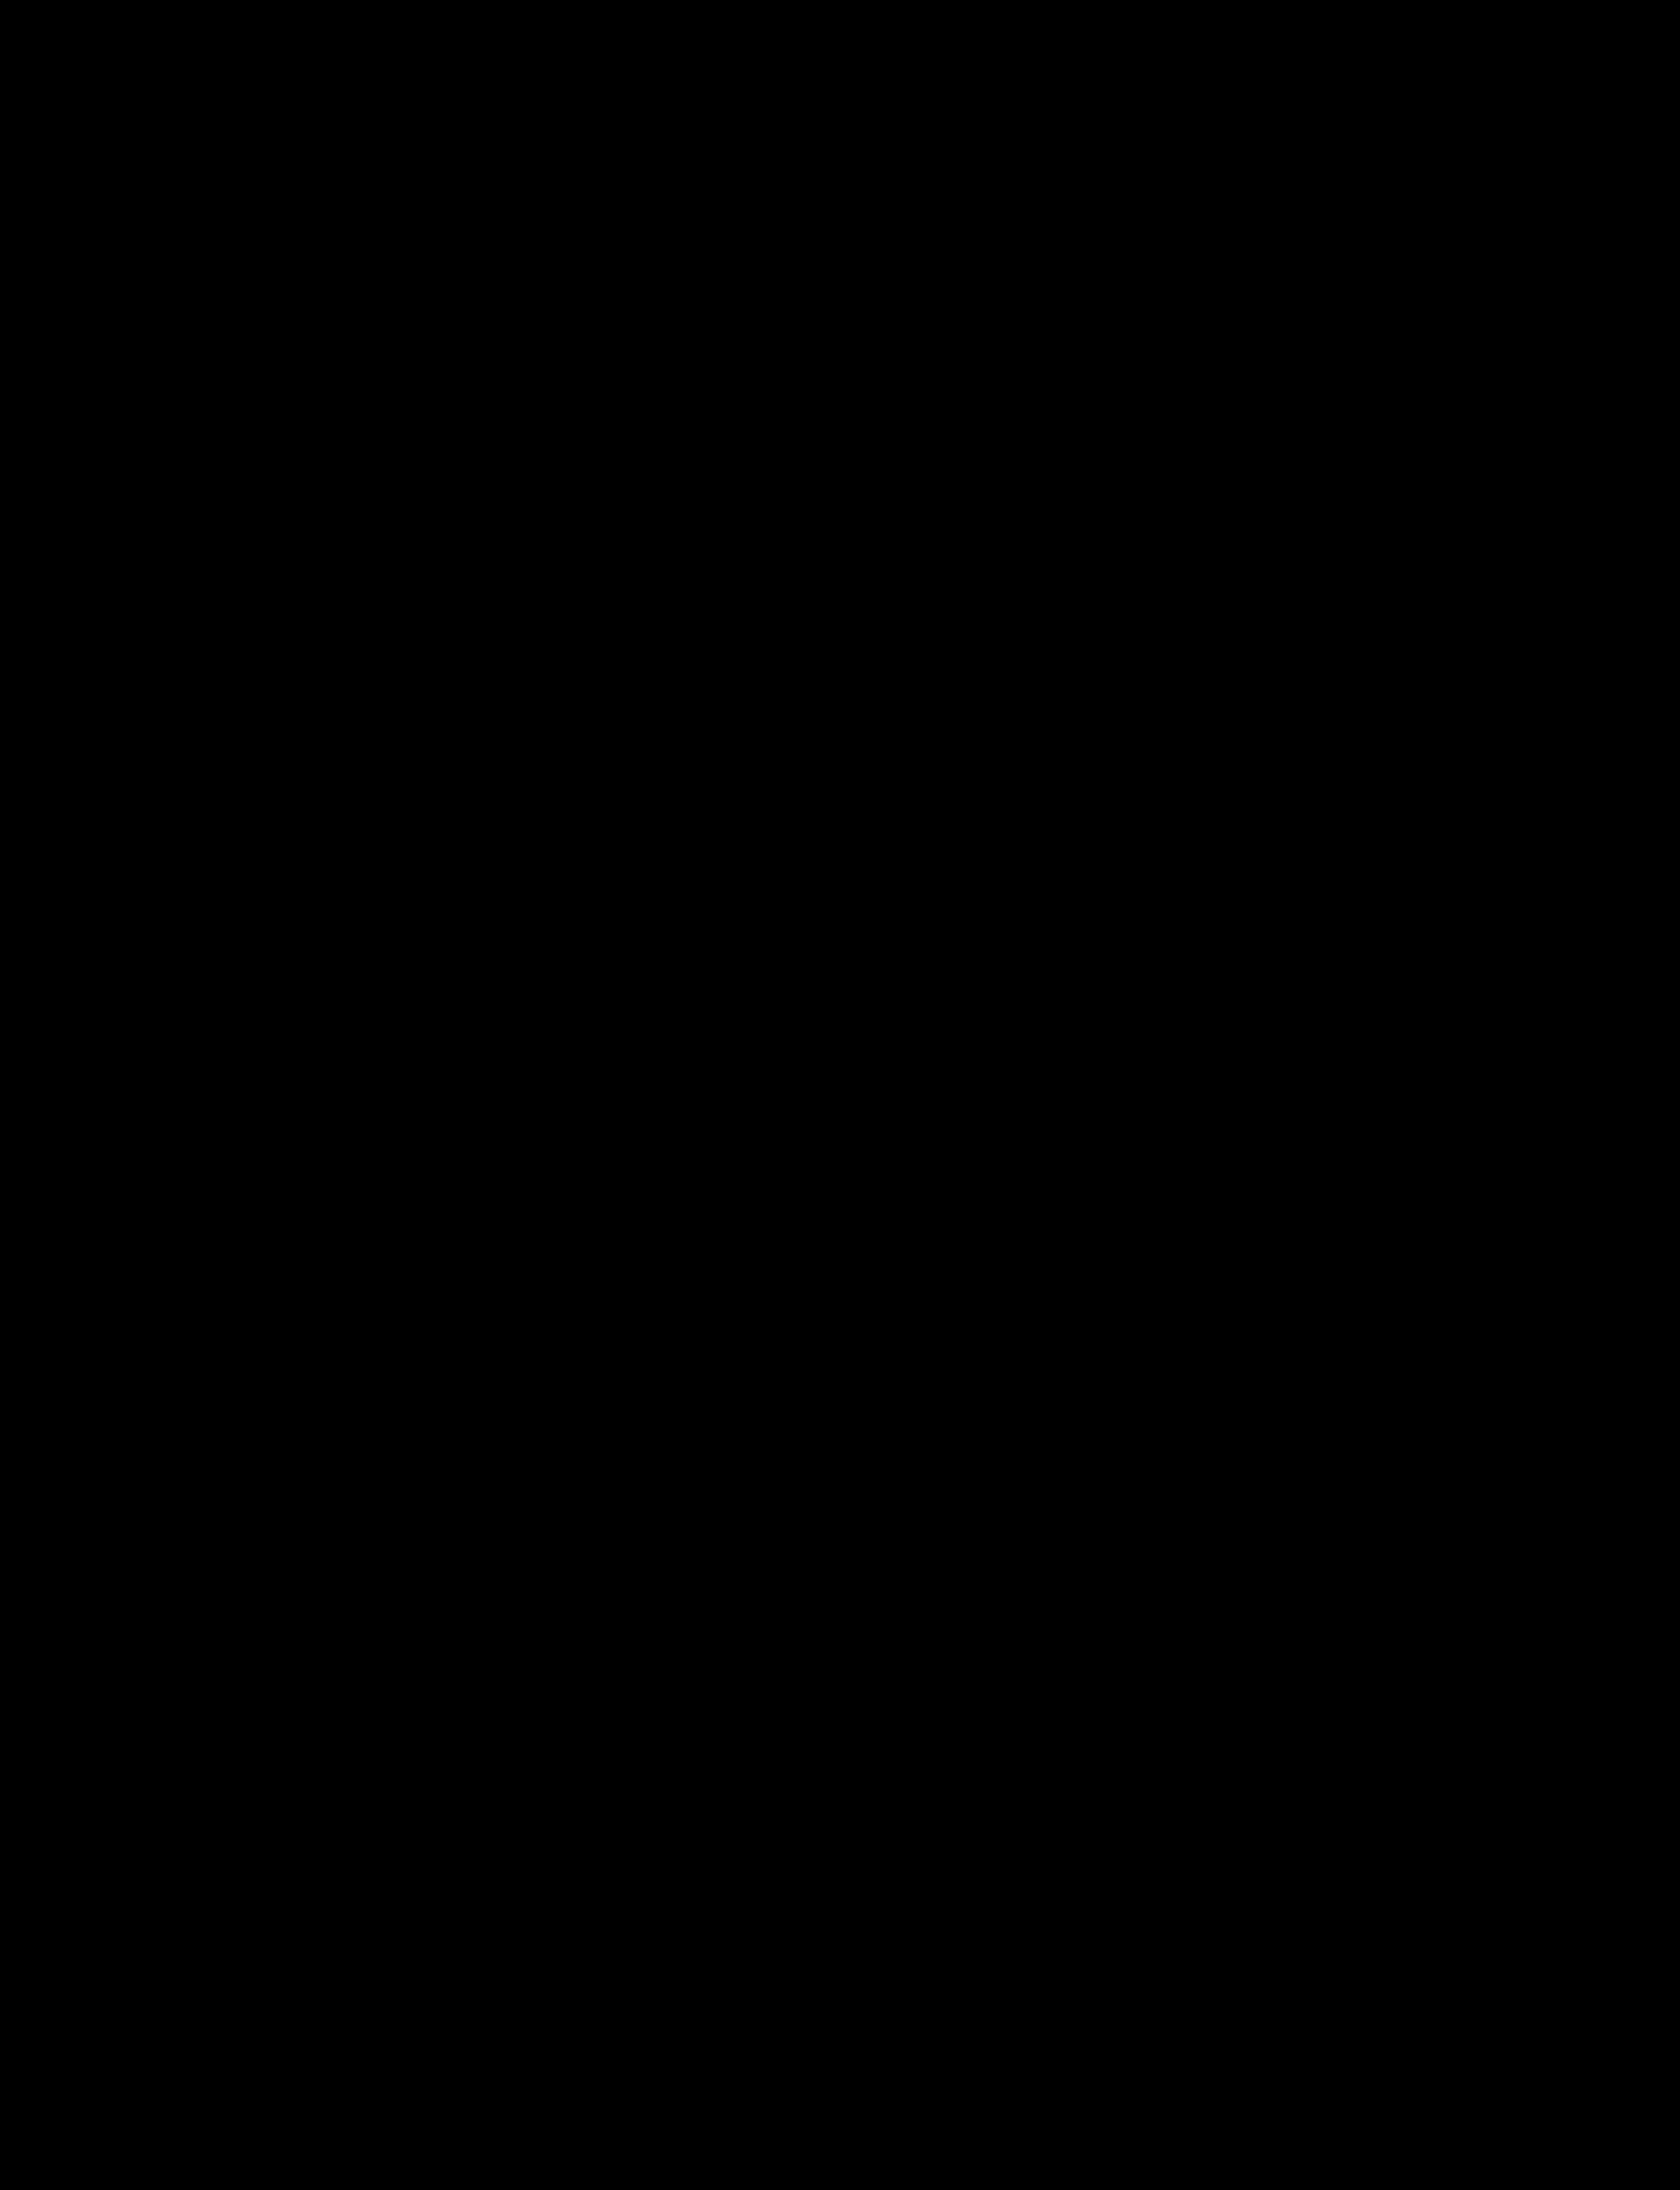 RailFares2017.jpg